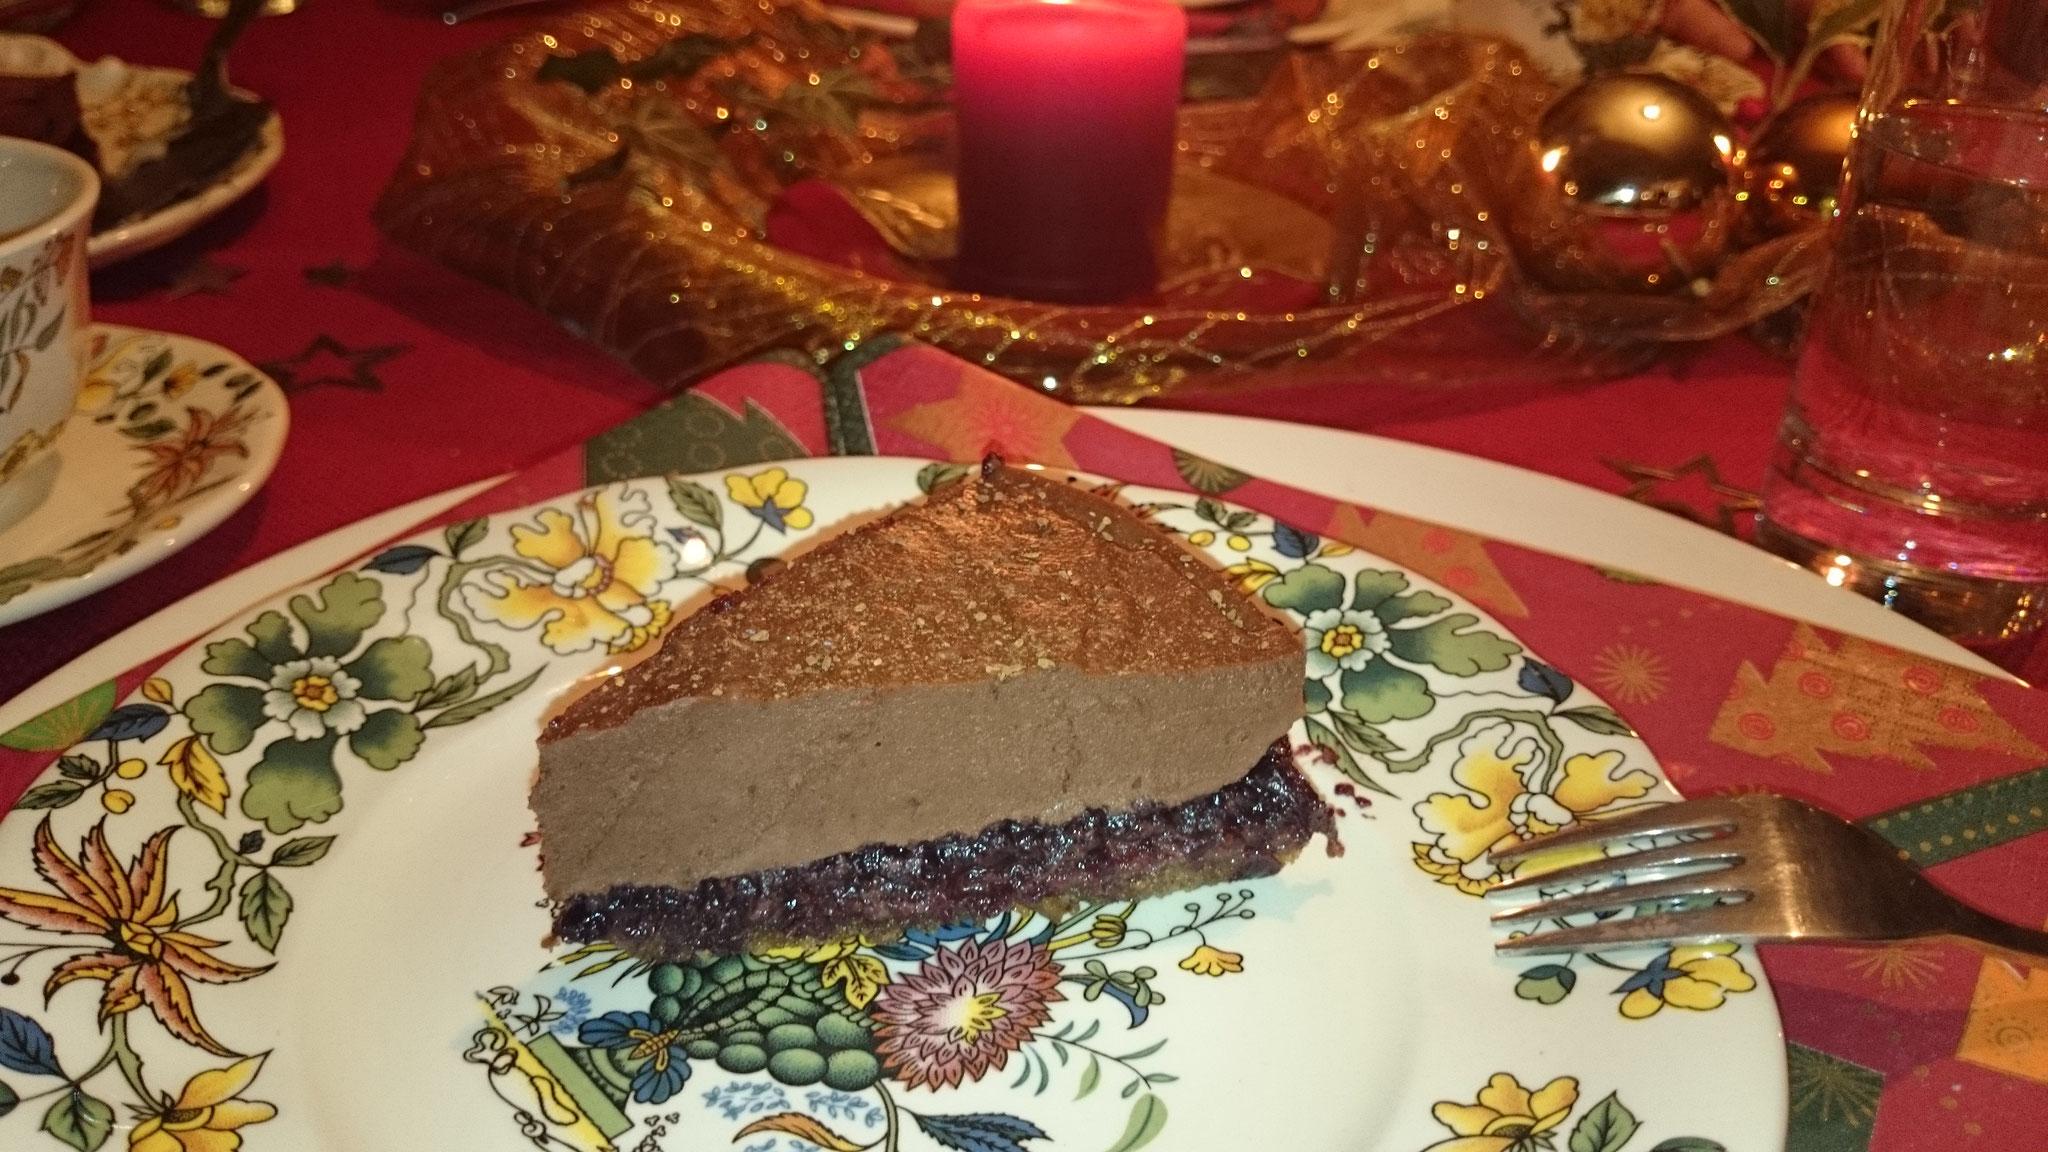 Rohkakao-Torte mit rohem Früchte-Gelee